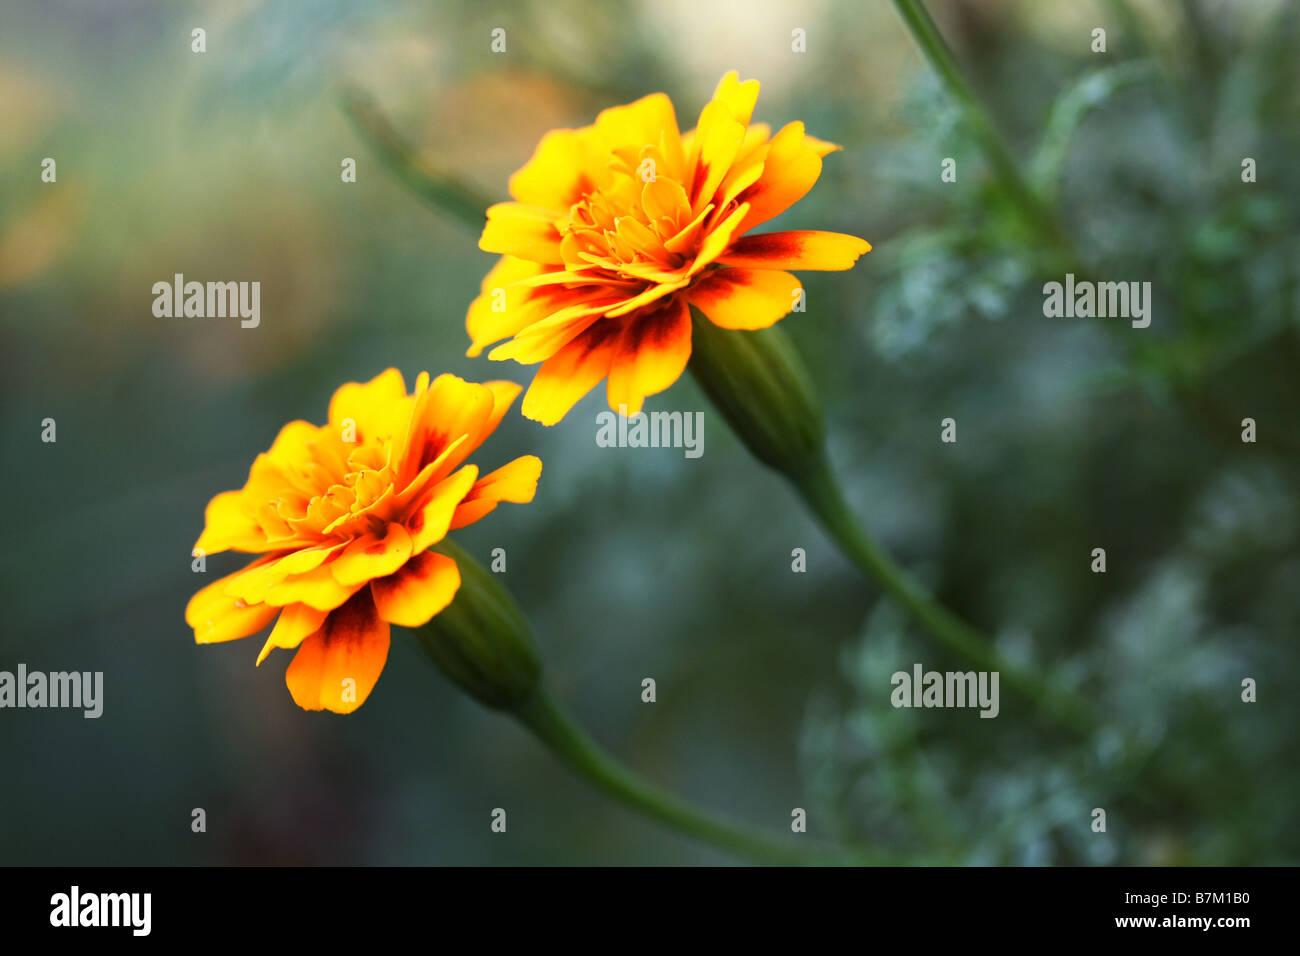 bb206c90e Beautiful Marigold Stock Photos & Beautiful Marigold Stock Images ...